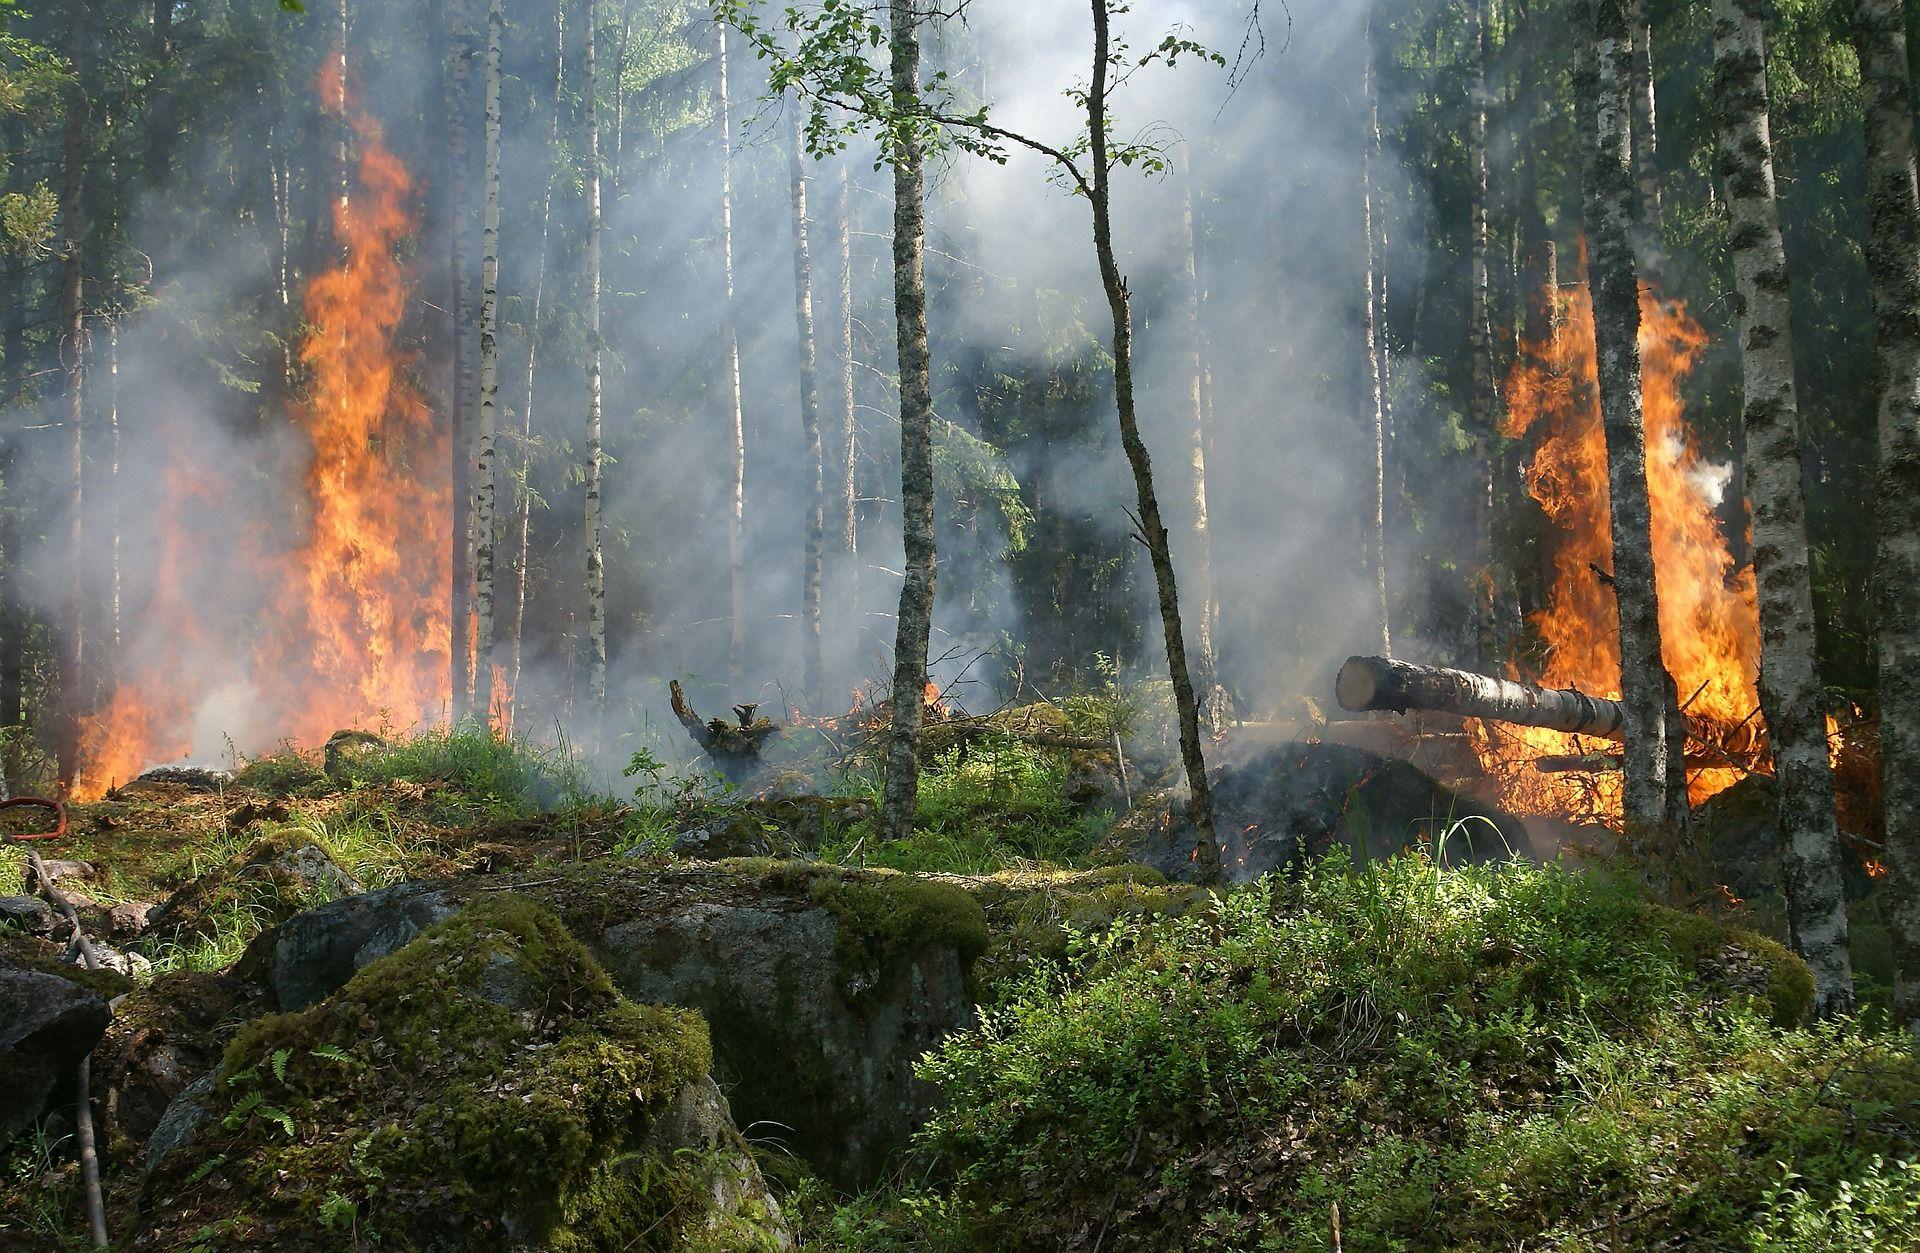 ¿Cuál es la situación REAL de los incendios forestales en Australia?